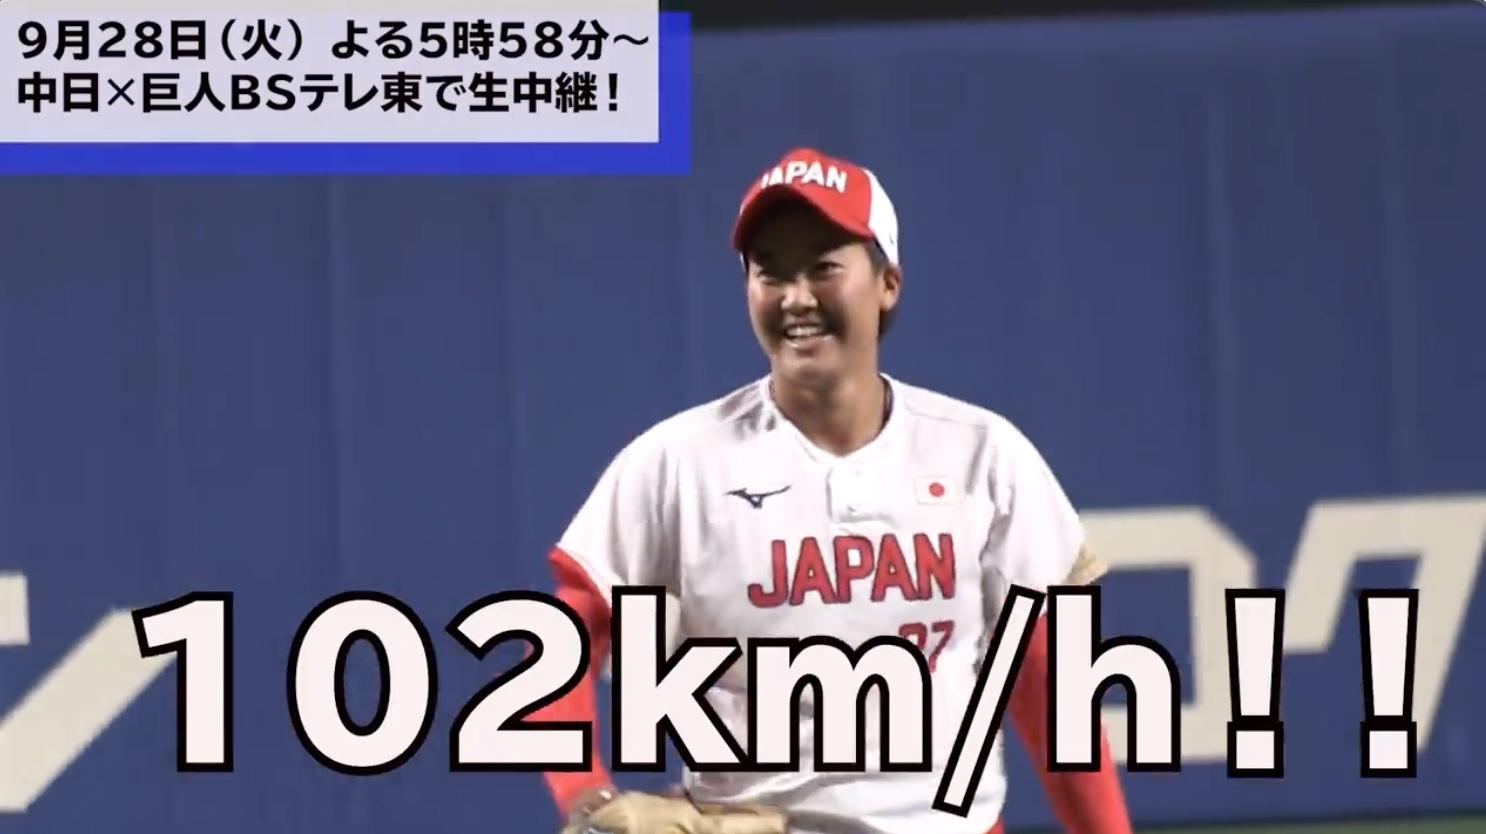 東京五輪ソフト金・後藤希友 地元名古屋で人生初の始球式!